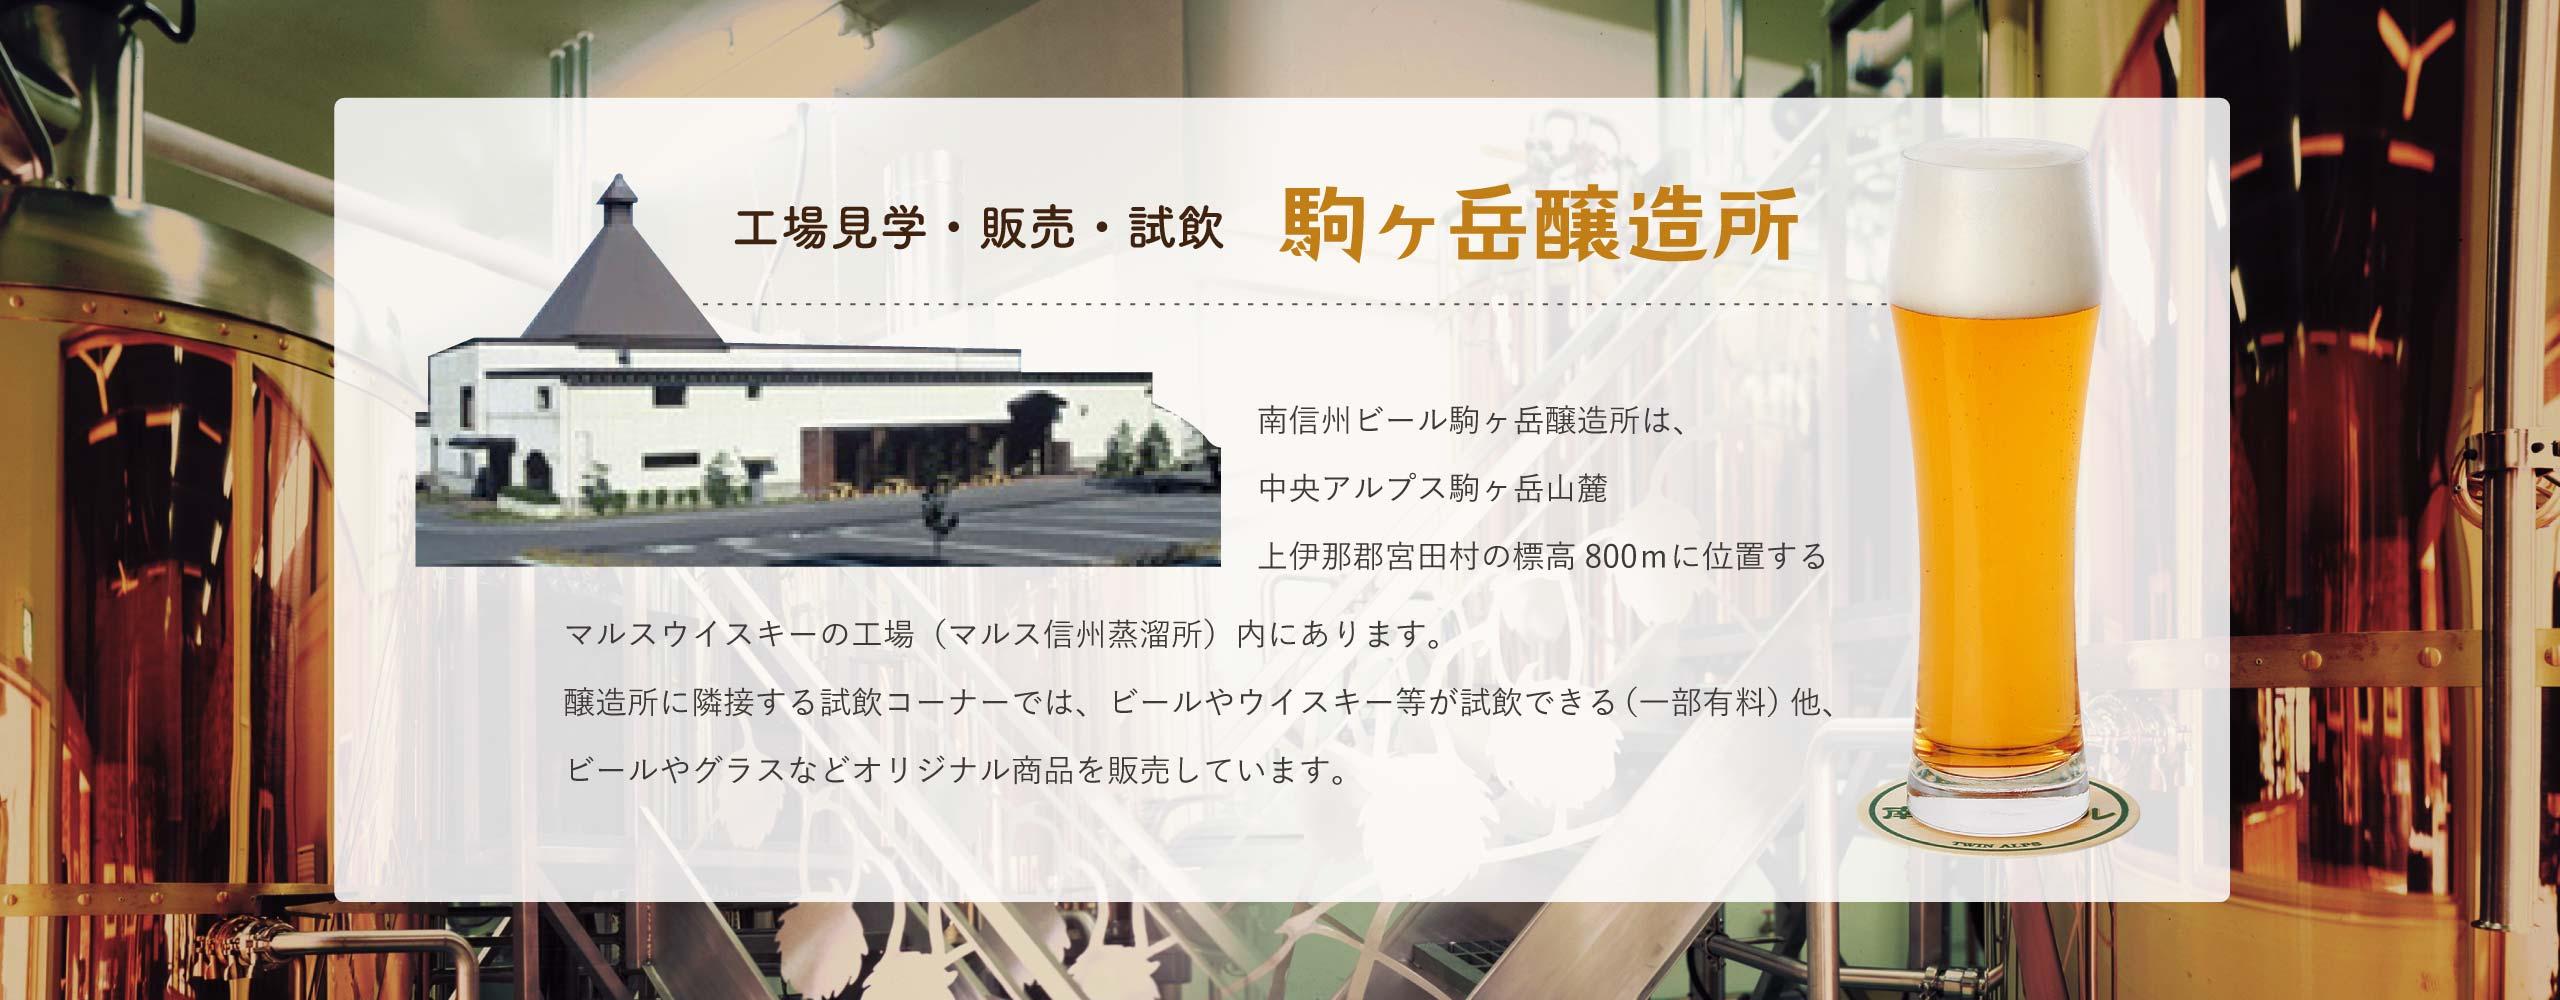 駒ヶ岳醸造所トップ